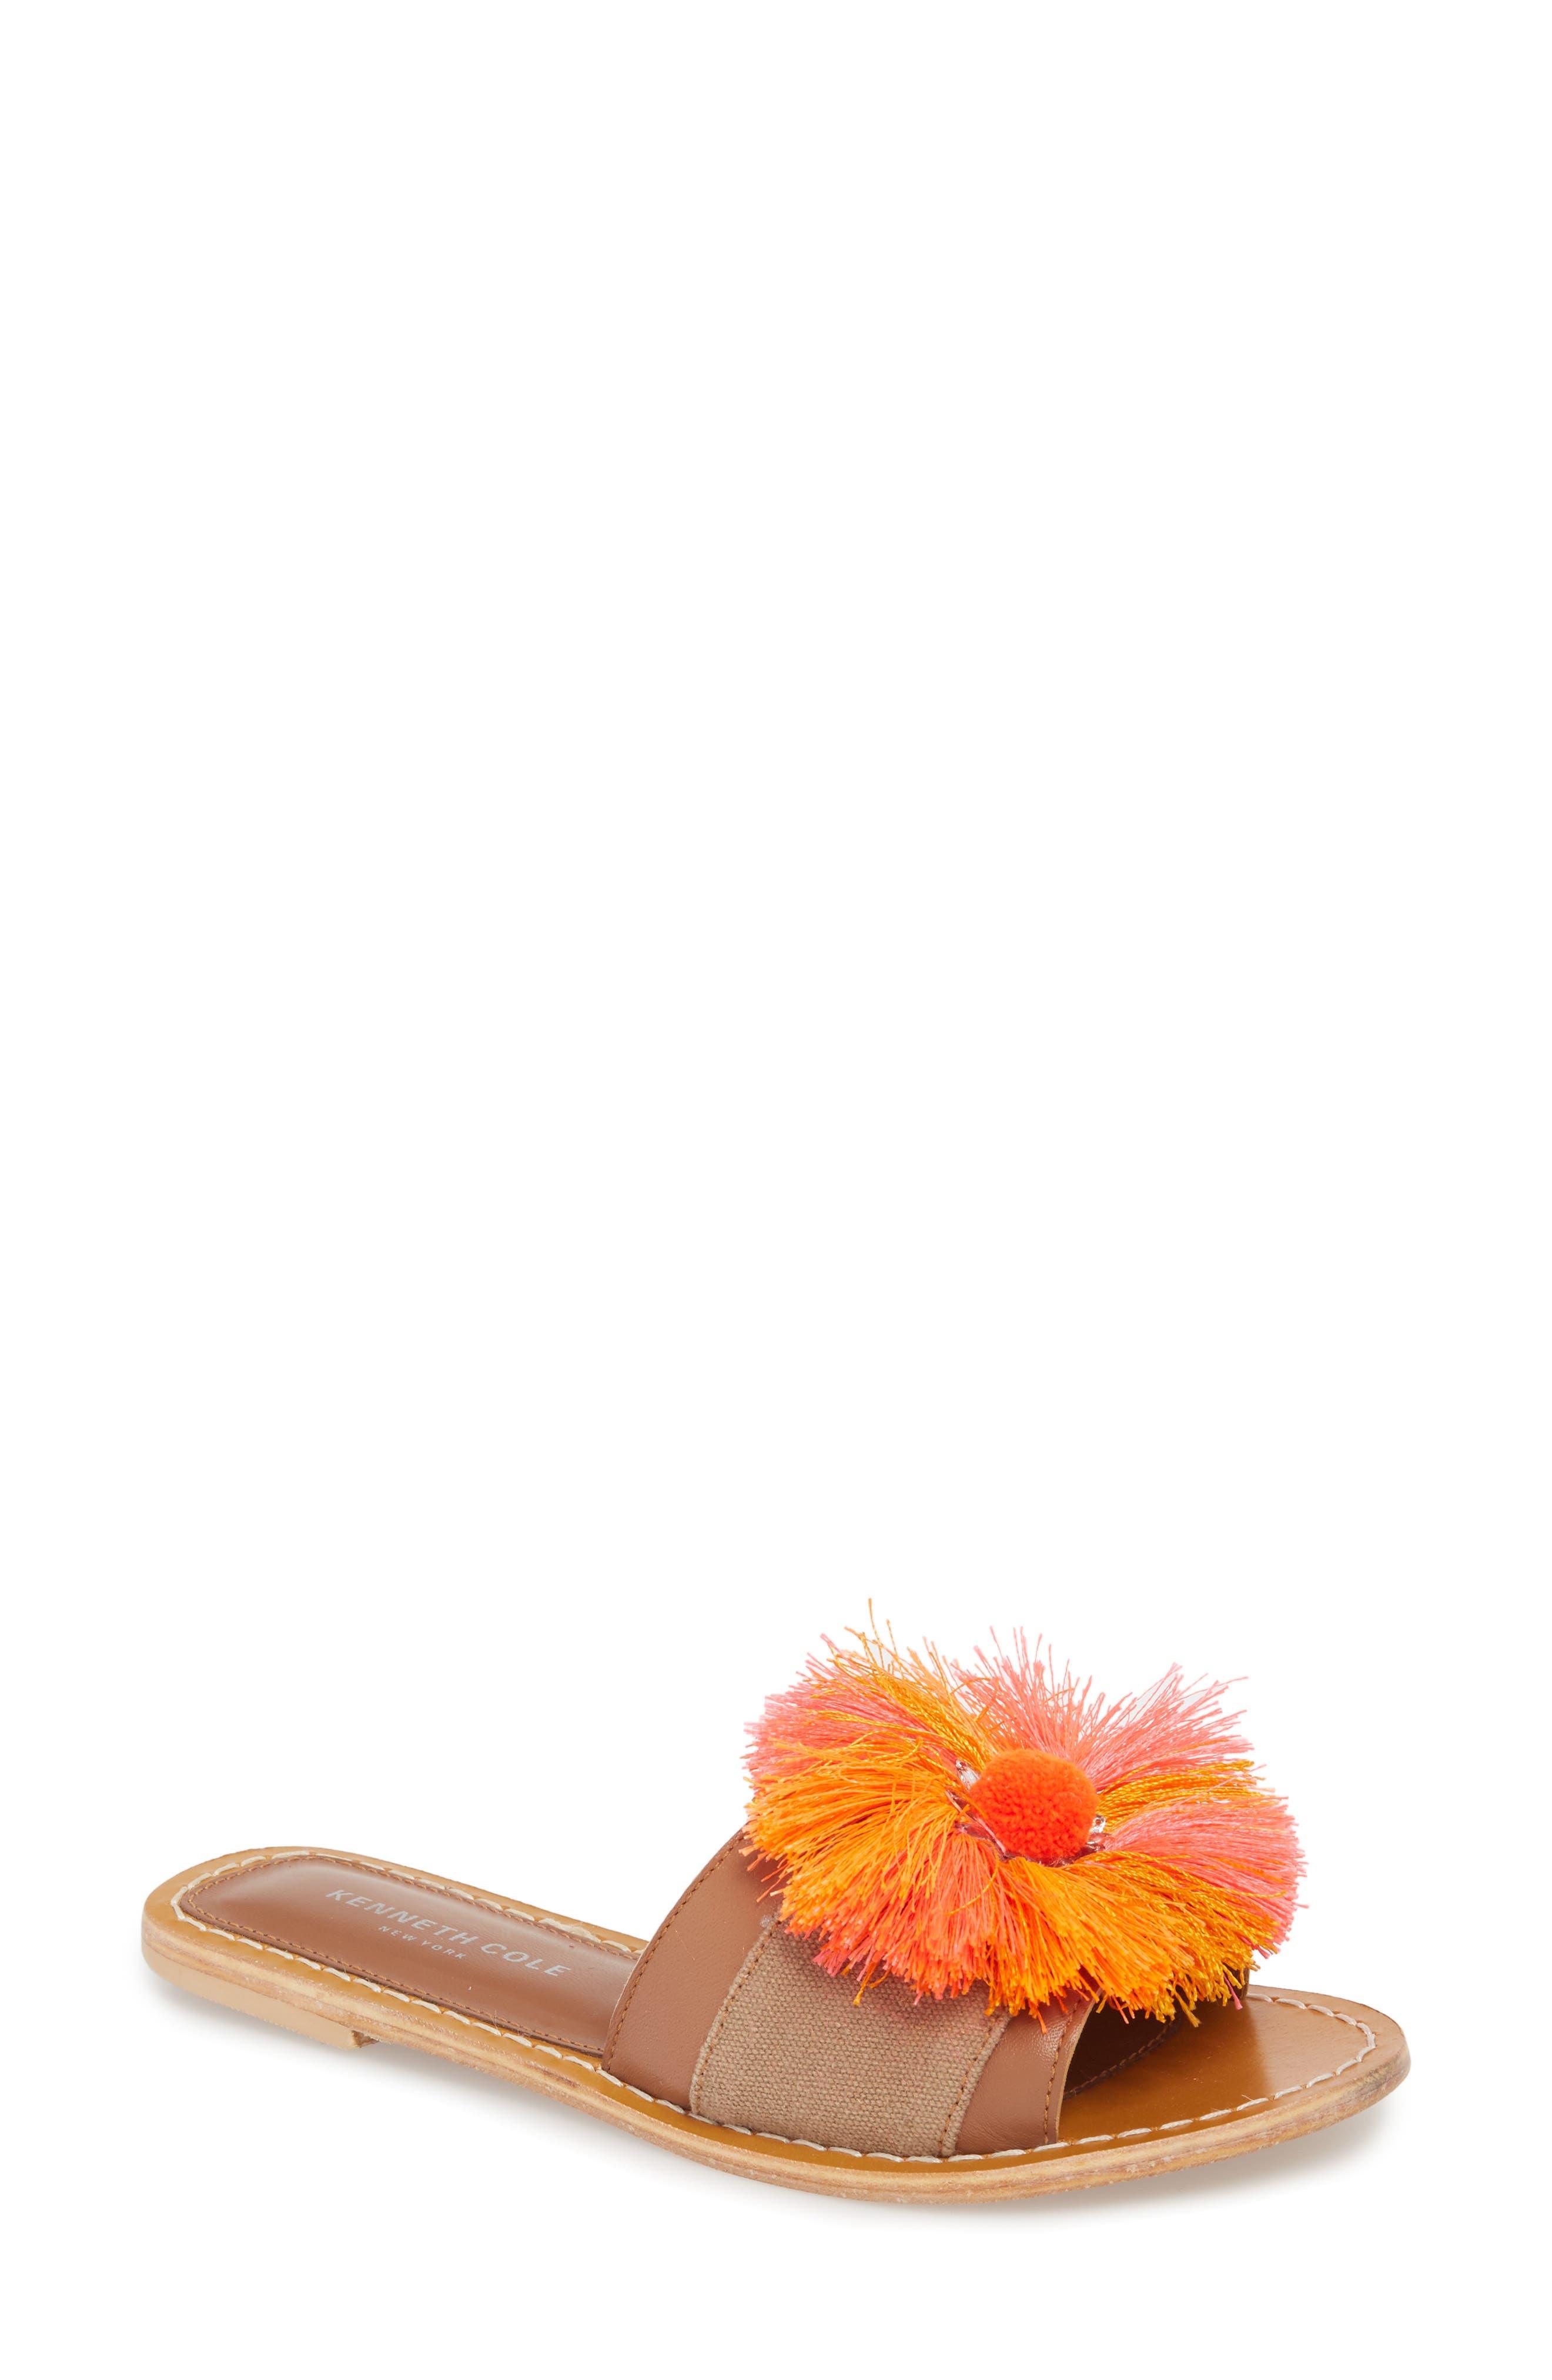 Orton Slide Sandal,                             Main thumbnail 2, color,